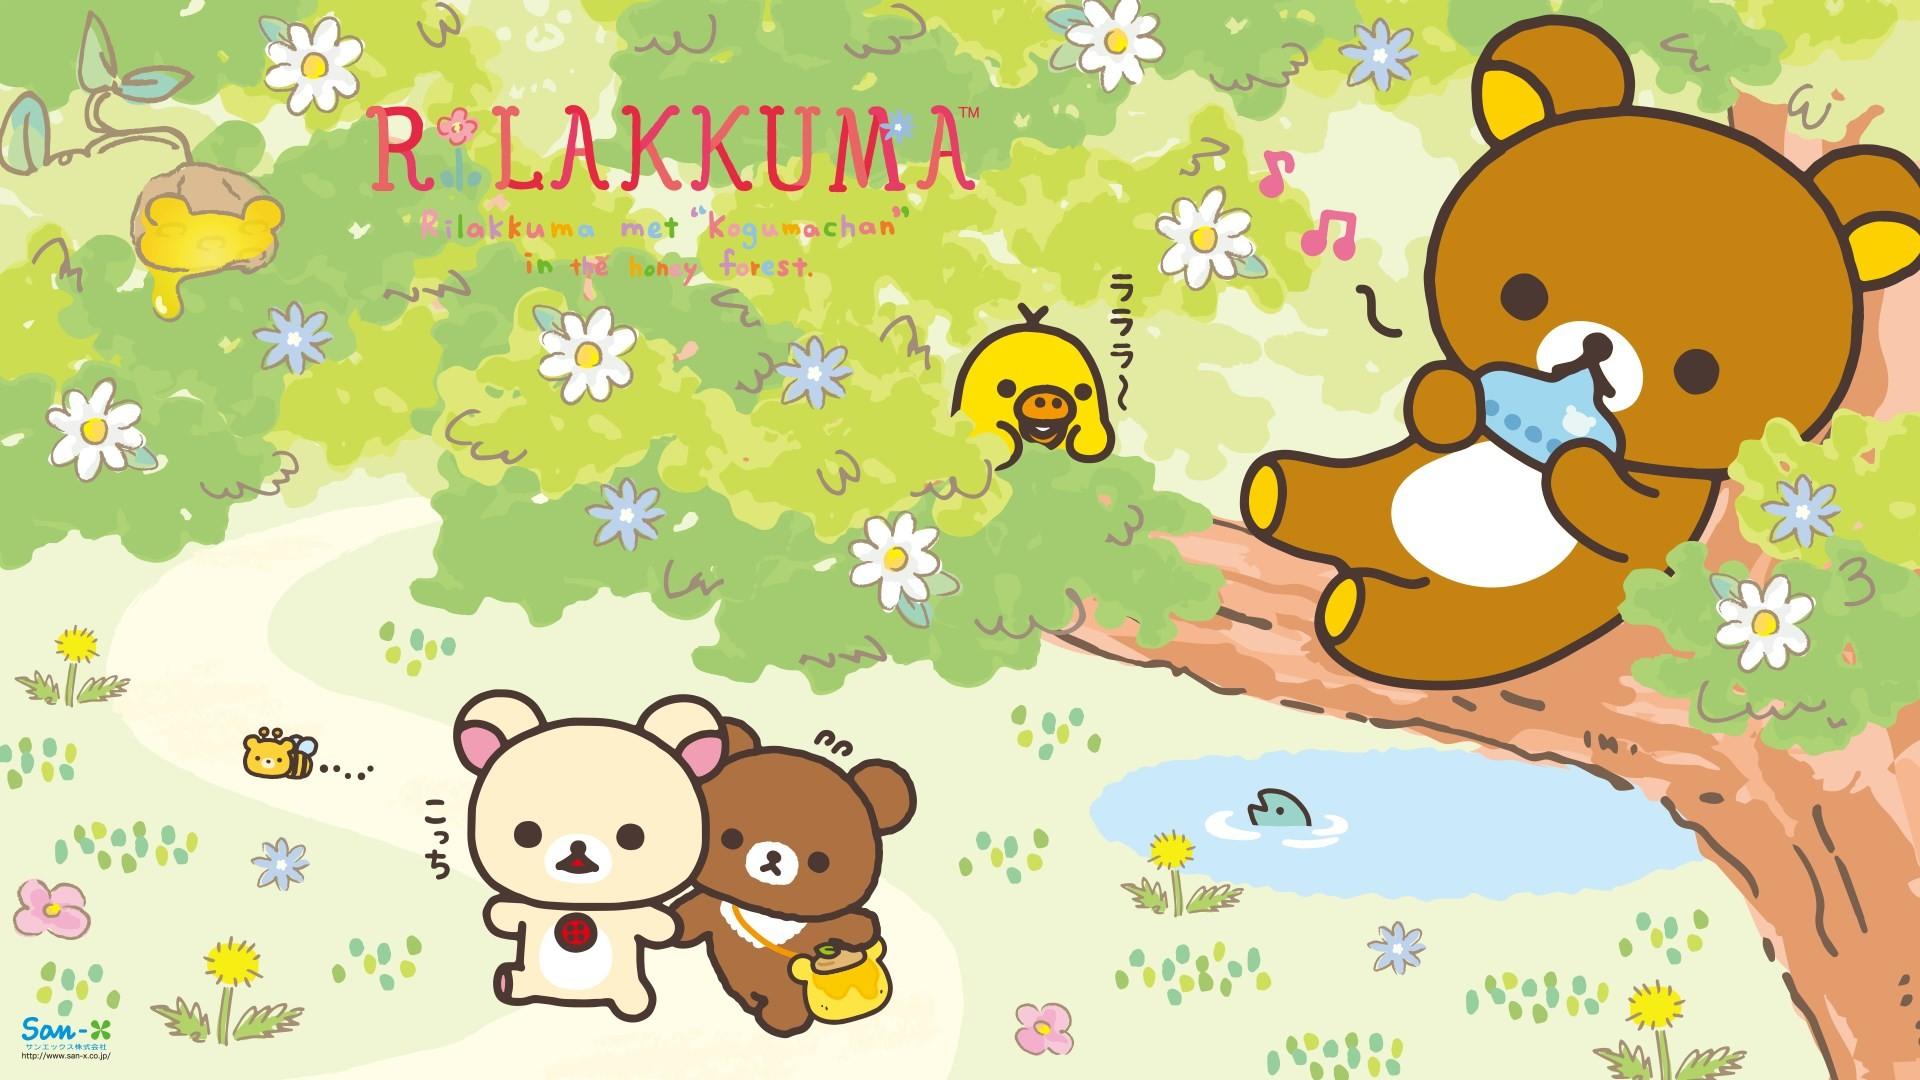 Cute Sanrio Wallpapers Rilakkuma Iphone Wallpaper 87 Images